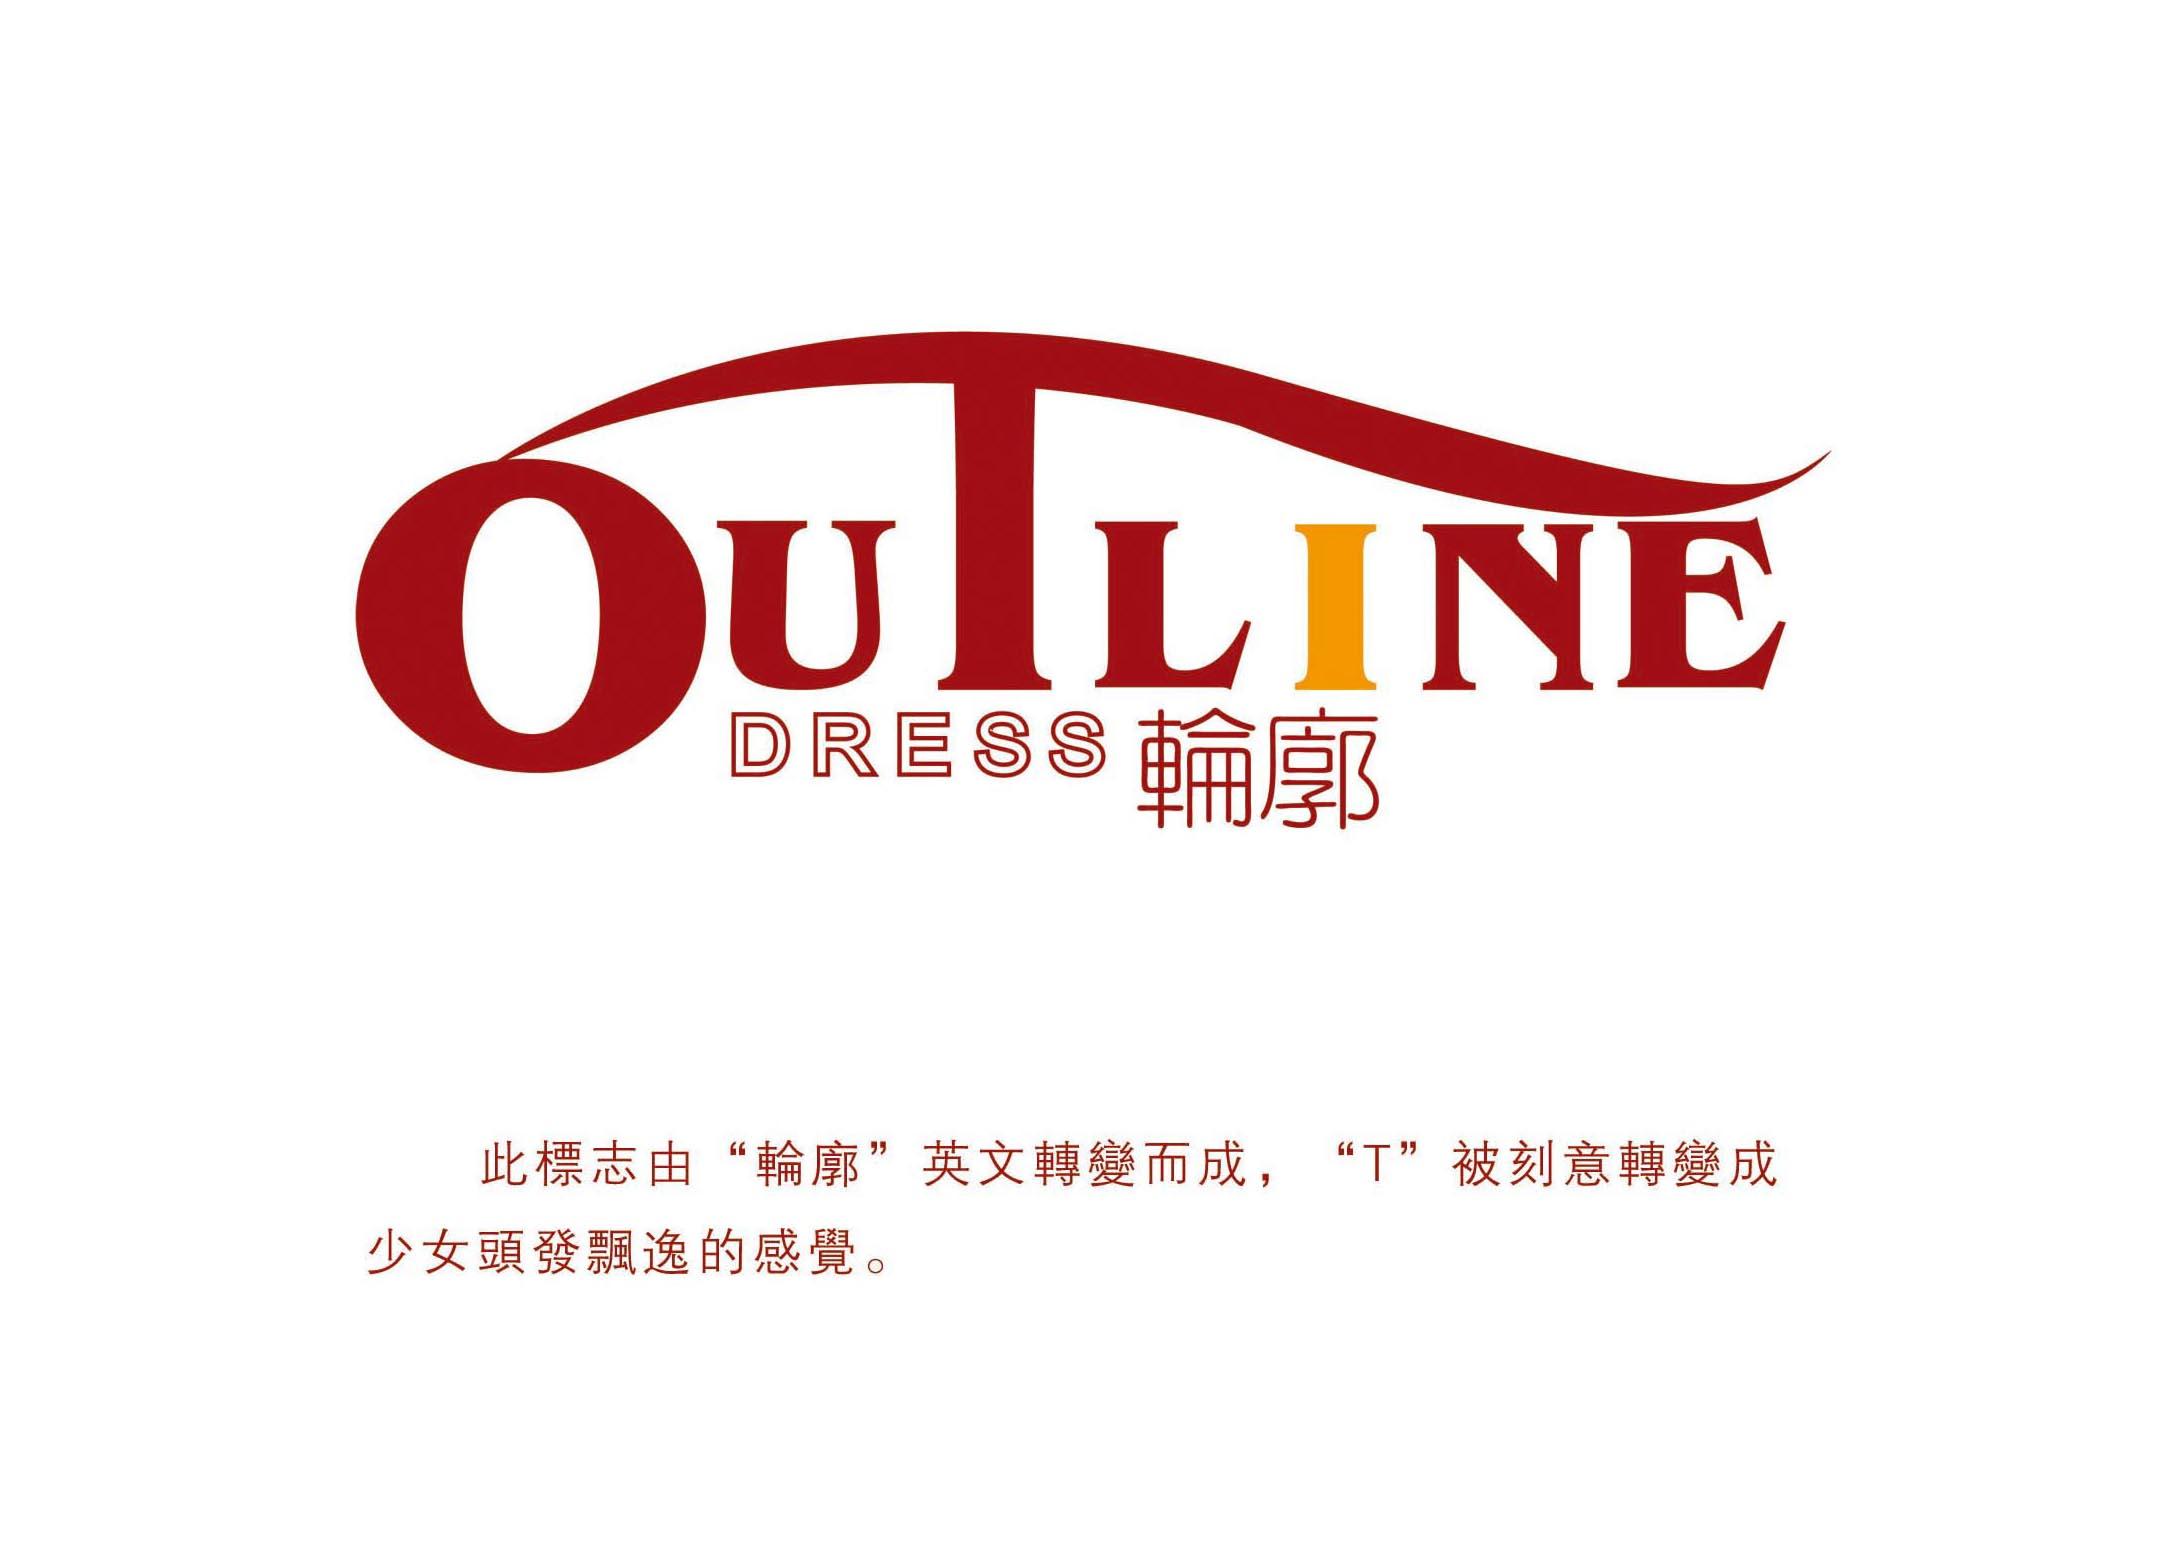 现金轮廓时装设计工作室征集logo设计(中标:chengqf228,tws8000 )